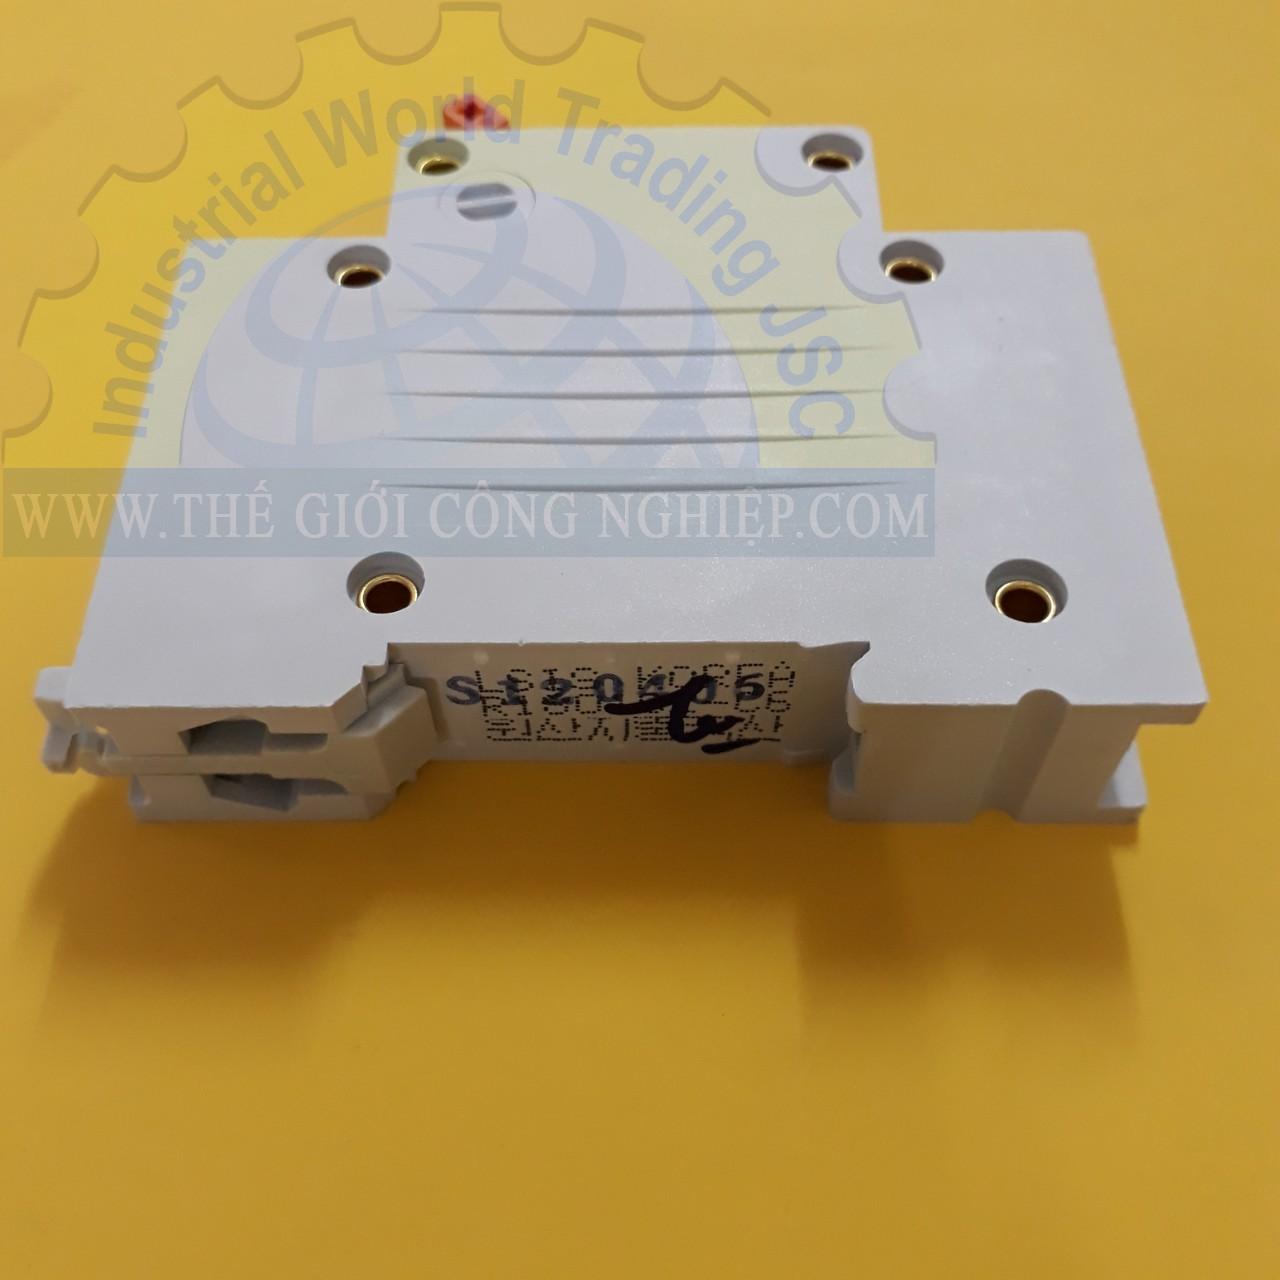 MCB ( gắn trên ray ) loại 1 cực cB tép 1 pha BKN 1P 6A LS